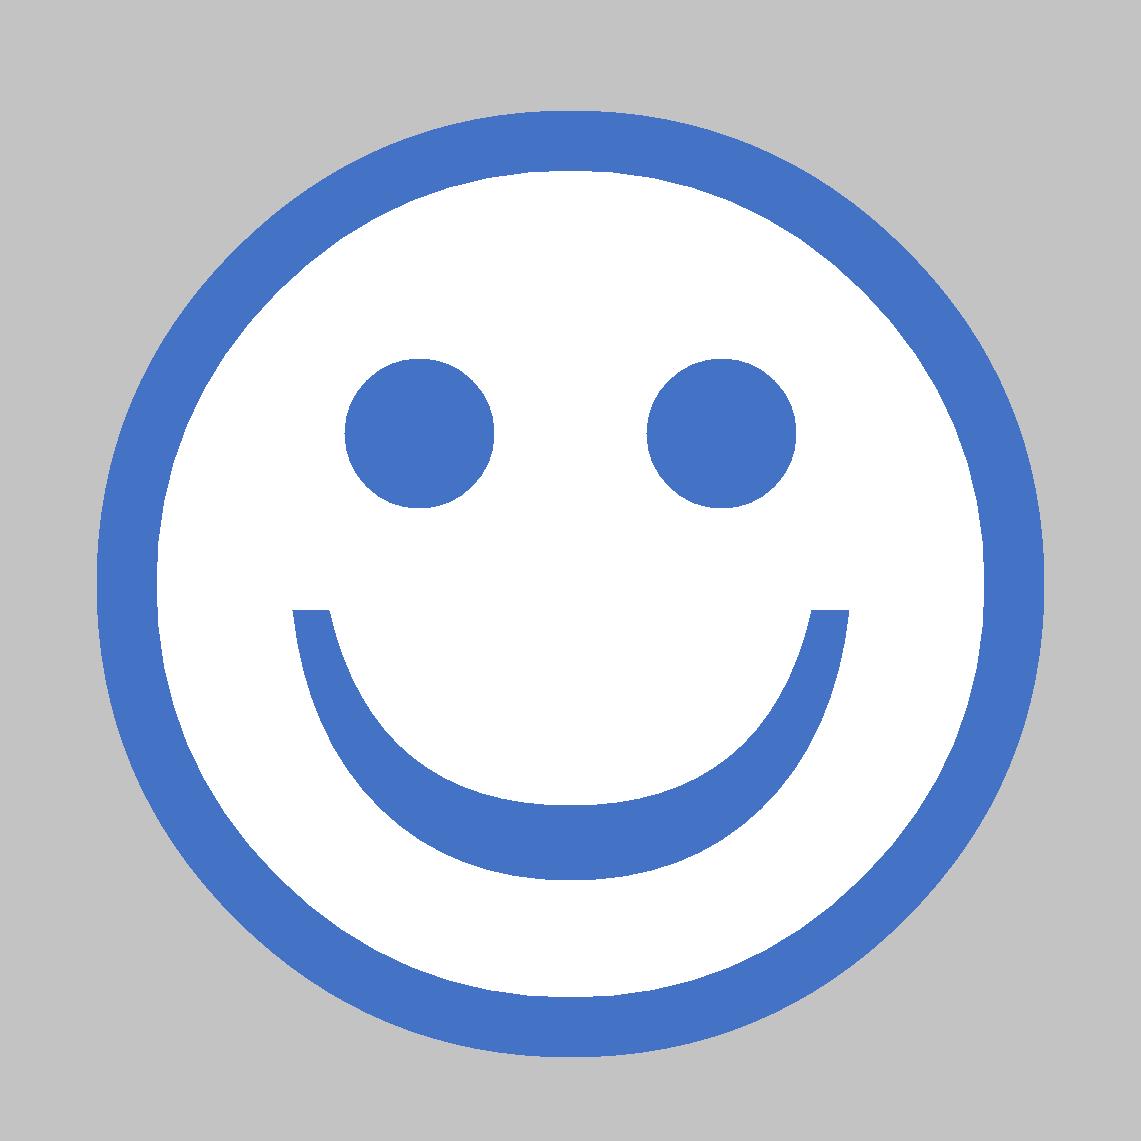 FLOEHCHEN Smiley (positiv) 2016-08-12